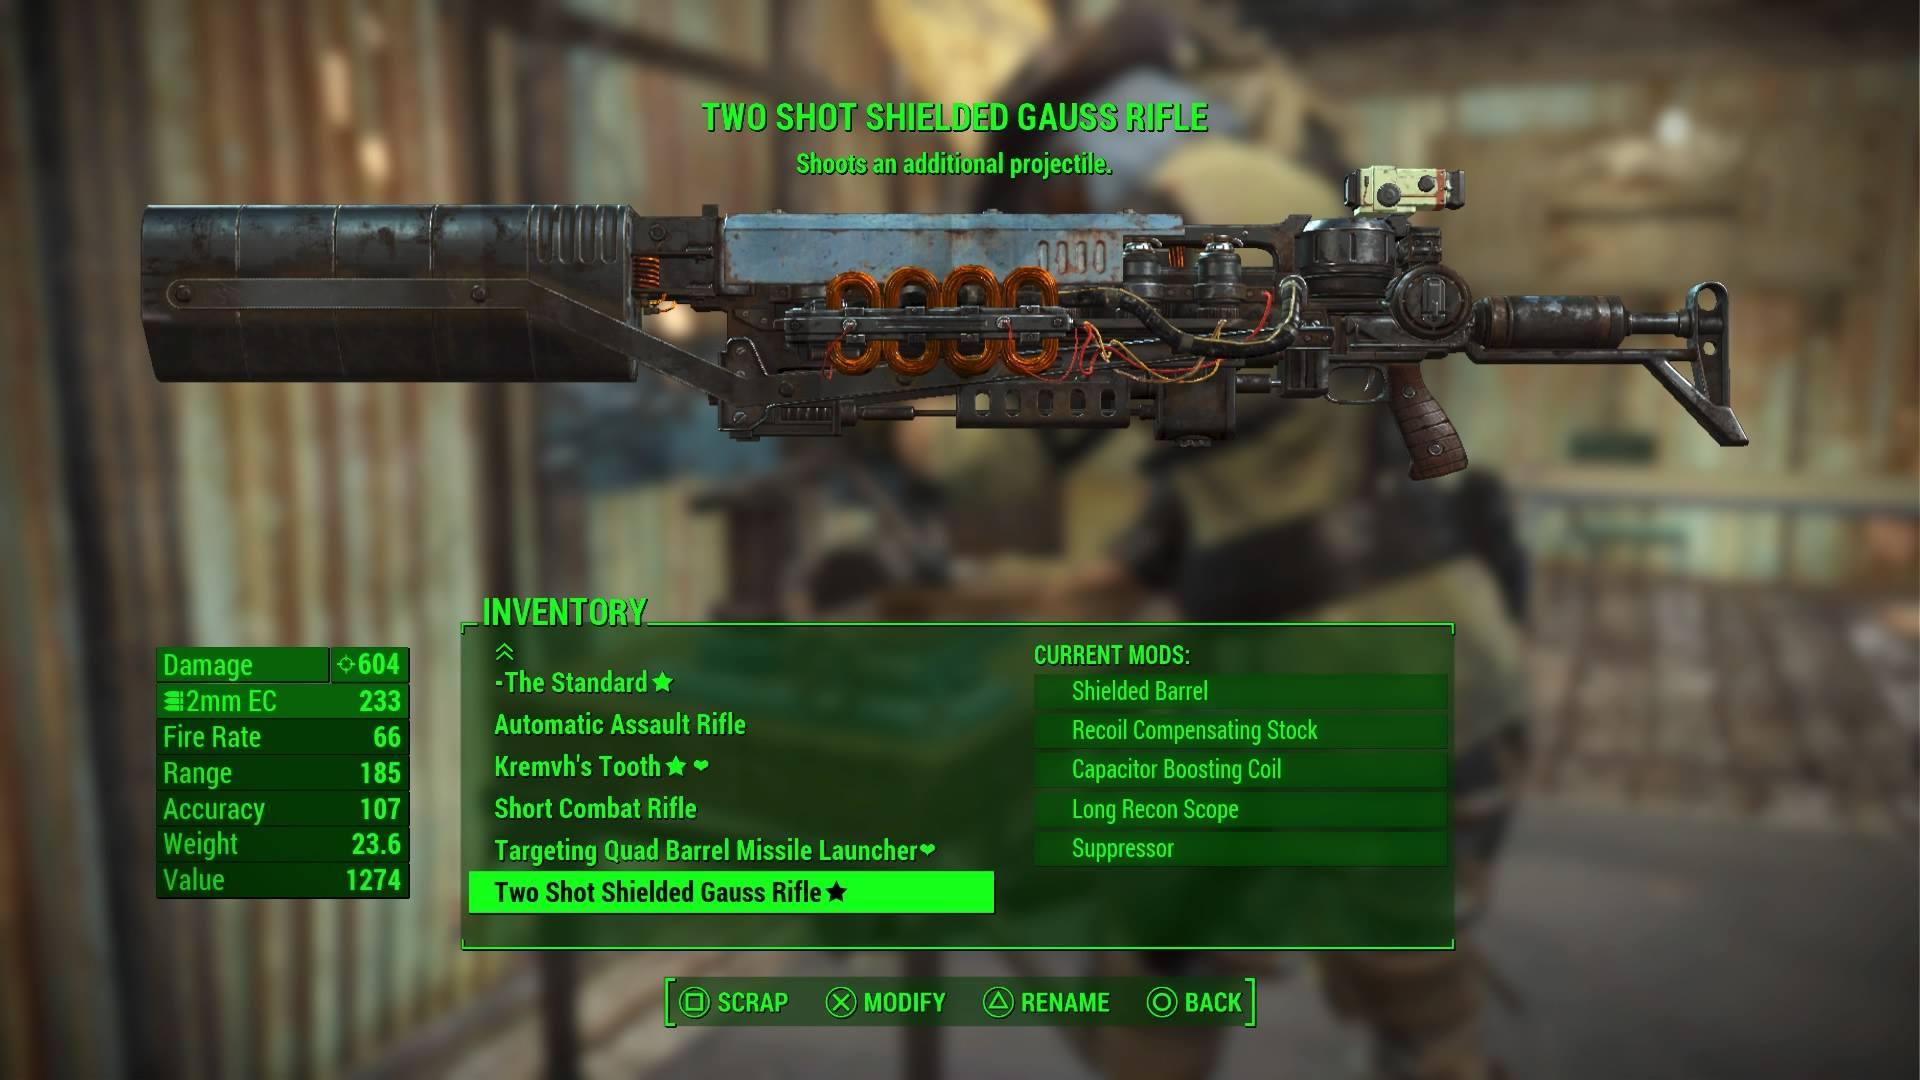 Các bác cho quả gun này mấy điểm :3